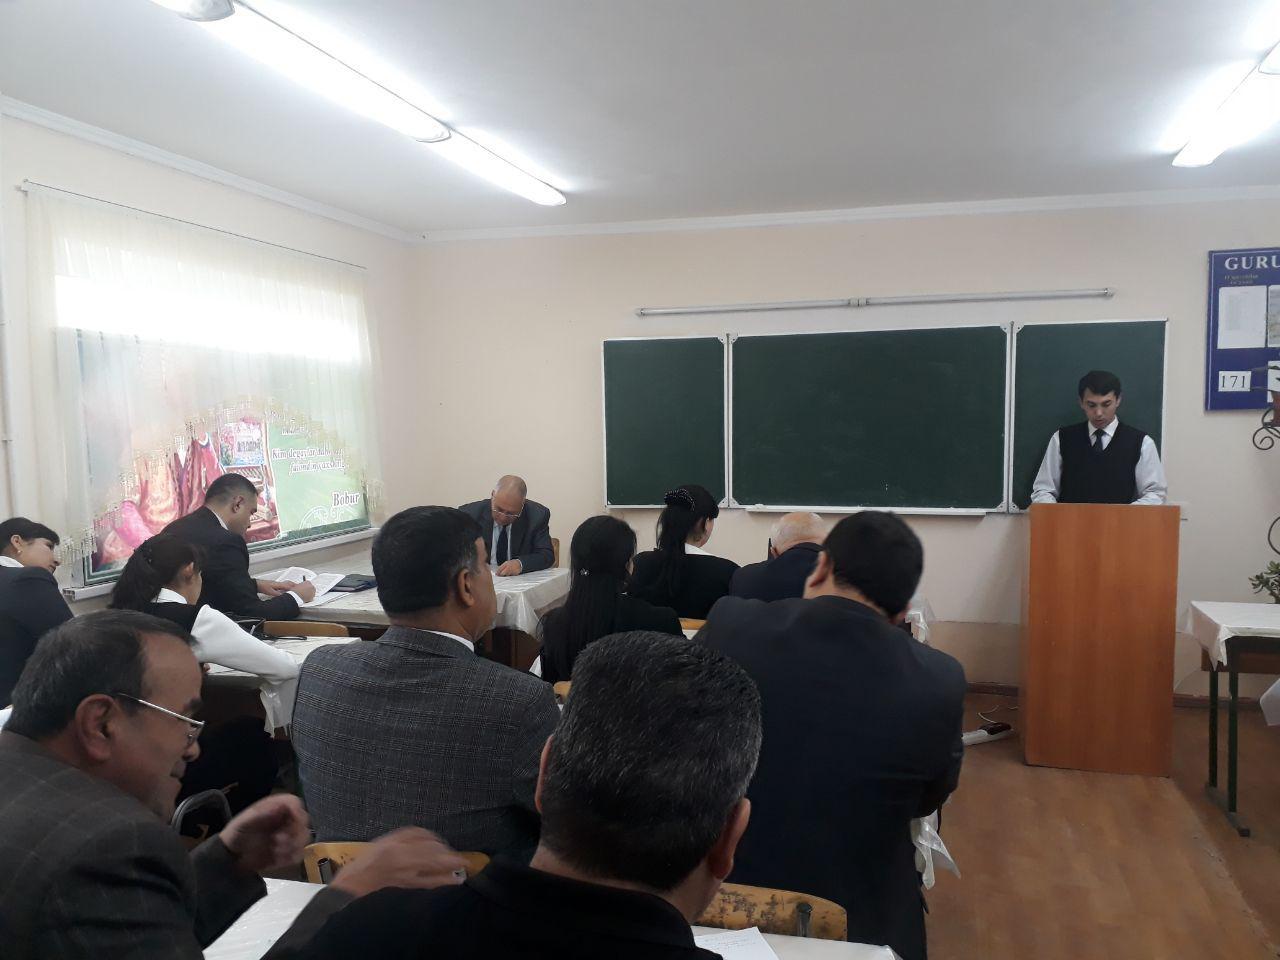 The scientific seminar